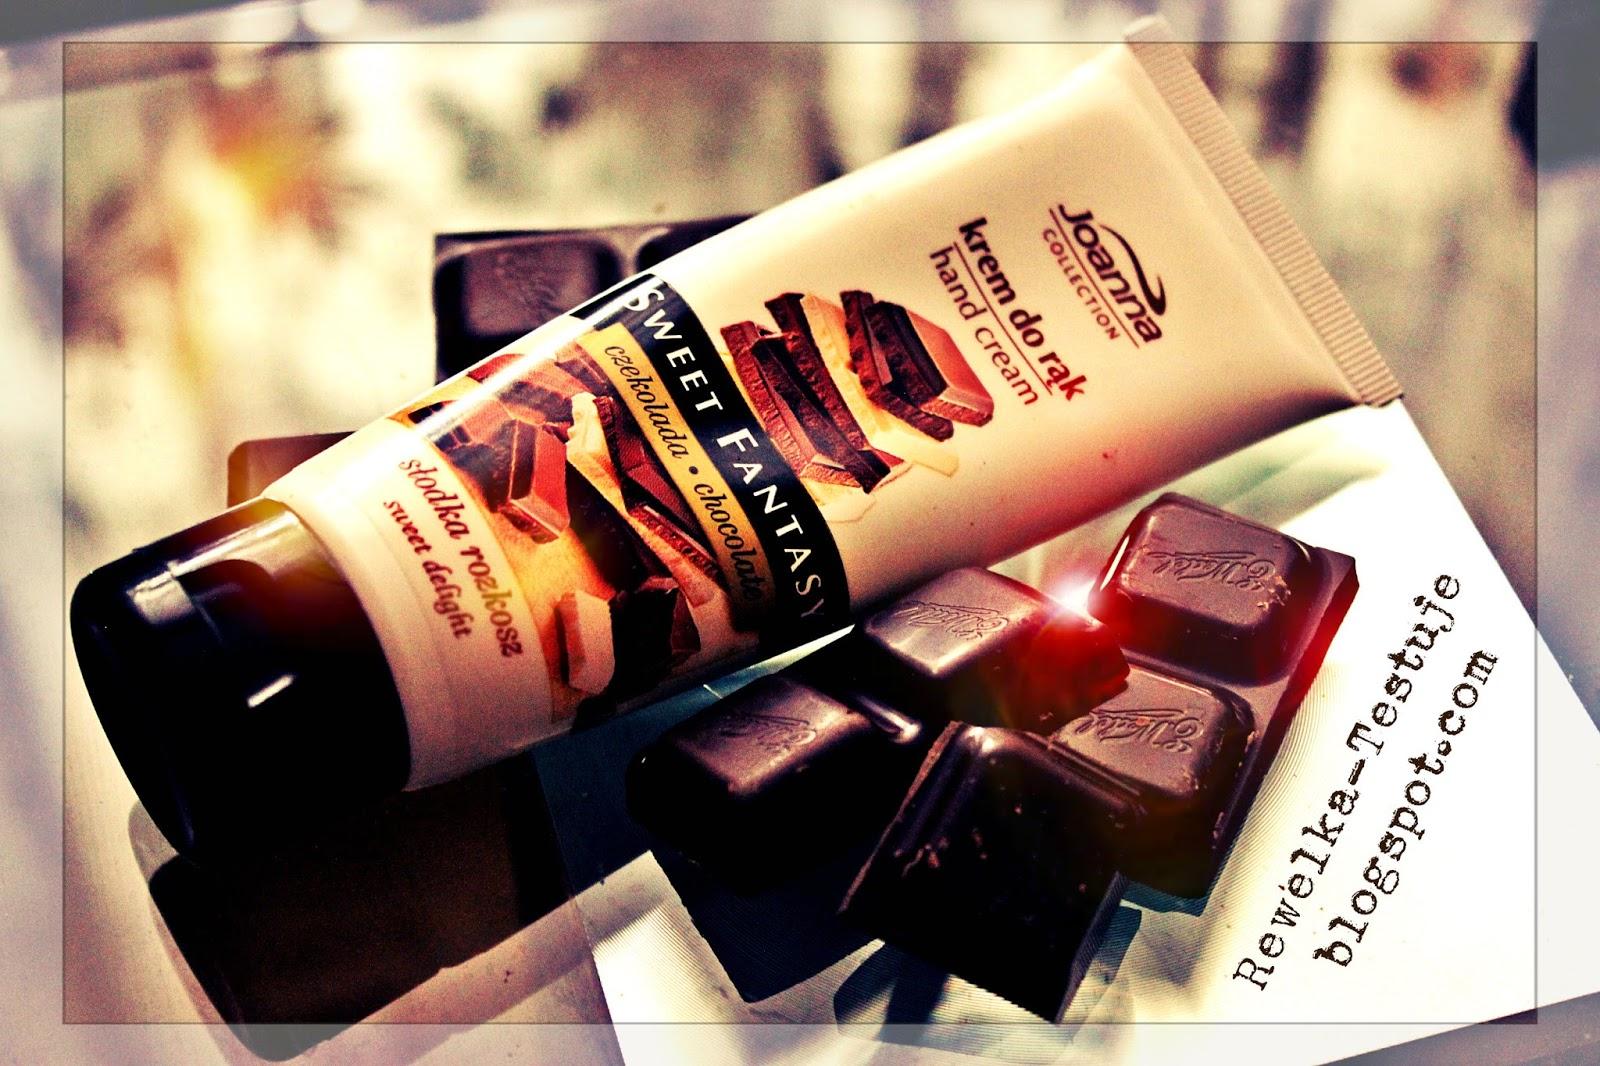 Czas na przyjemność, która nie tuczy - czekoladowy krem do rąk Joanna Cosmetics :)